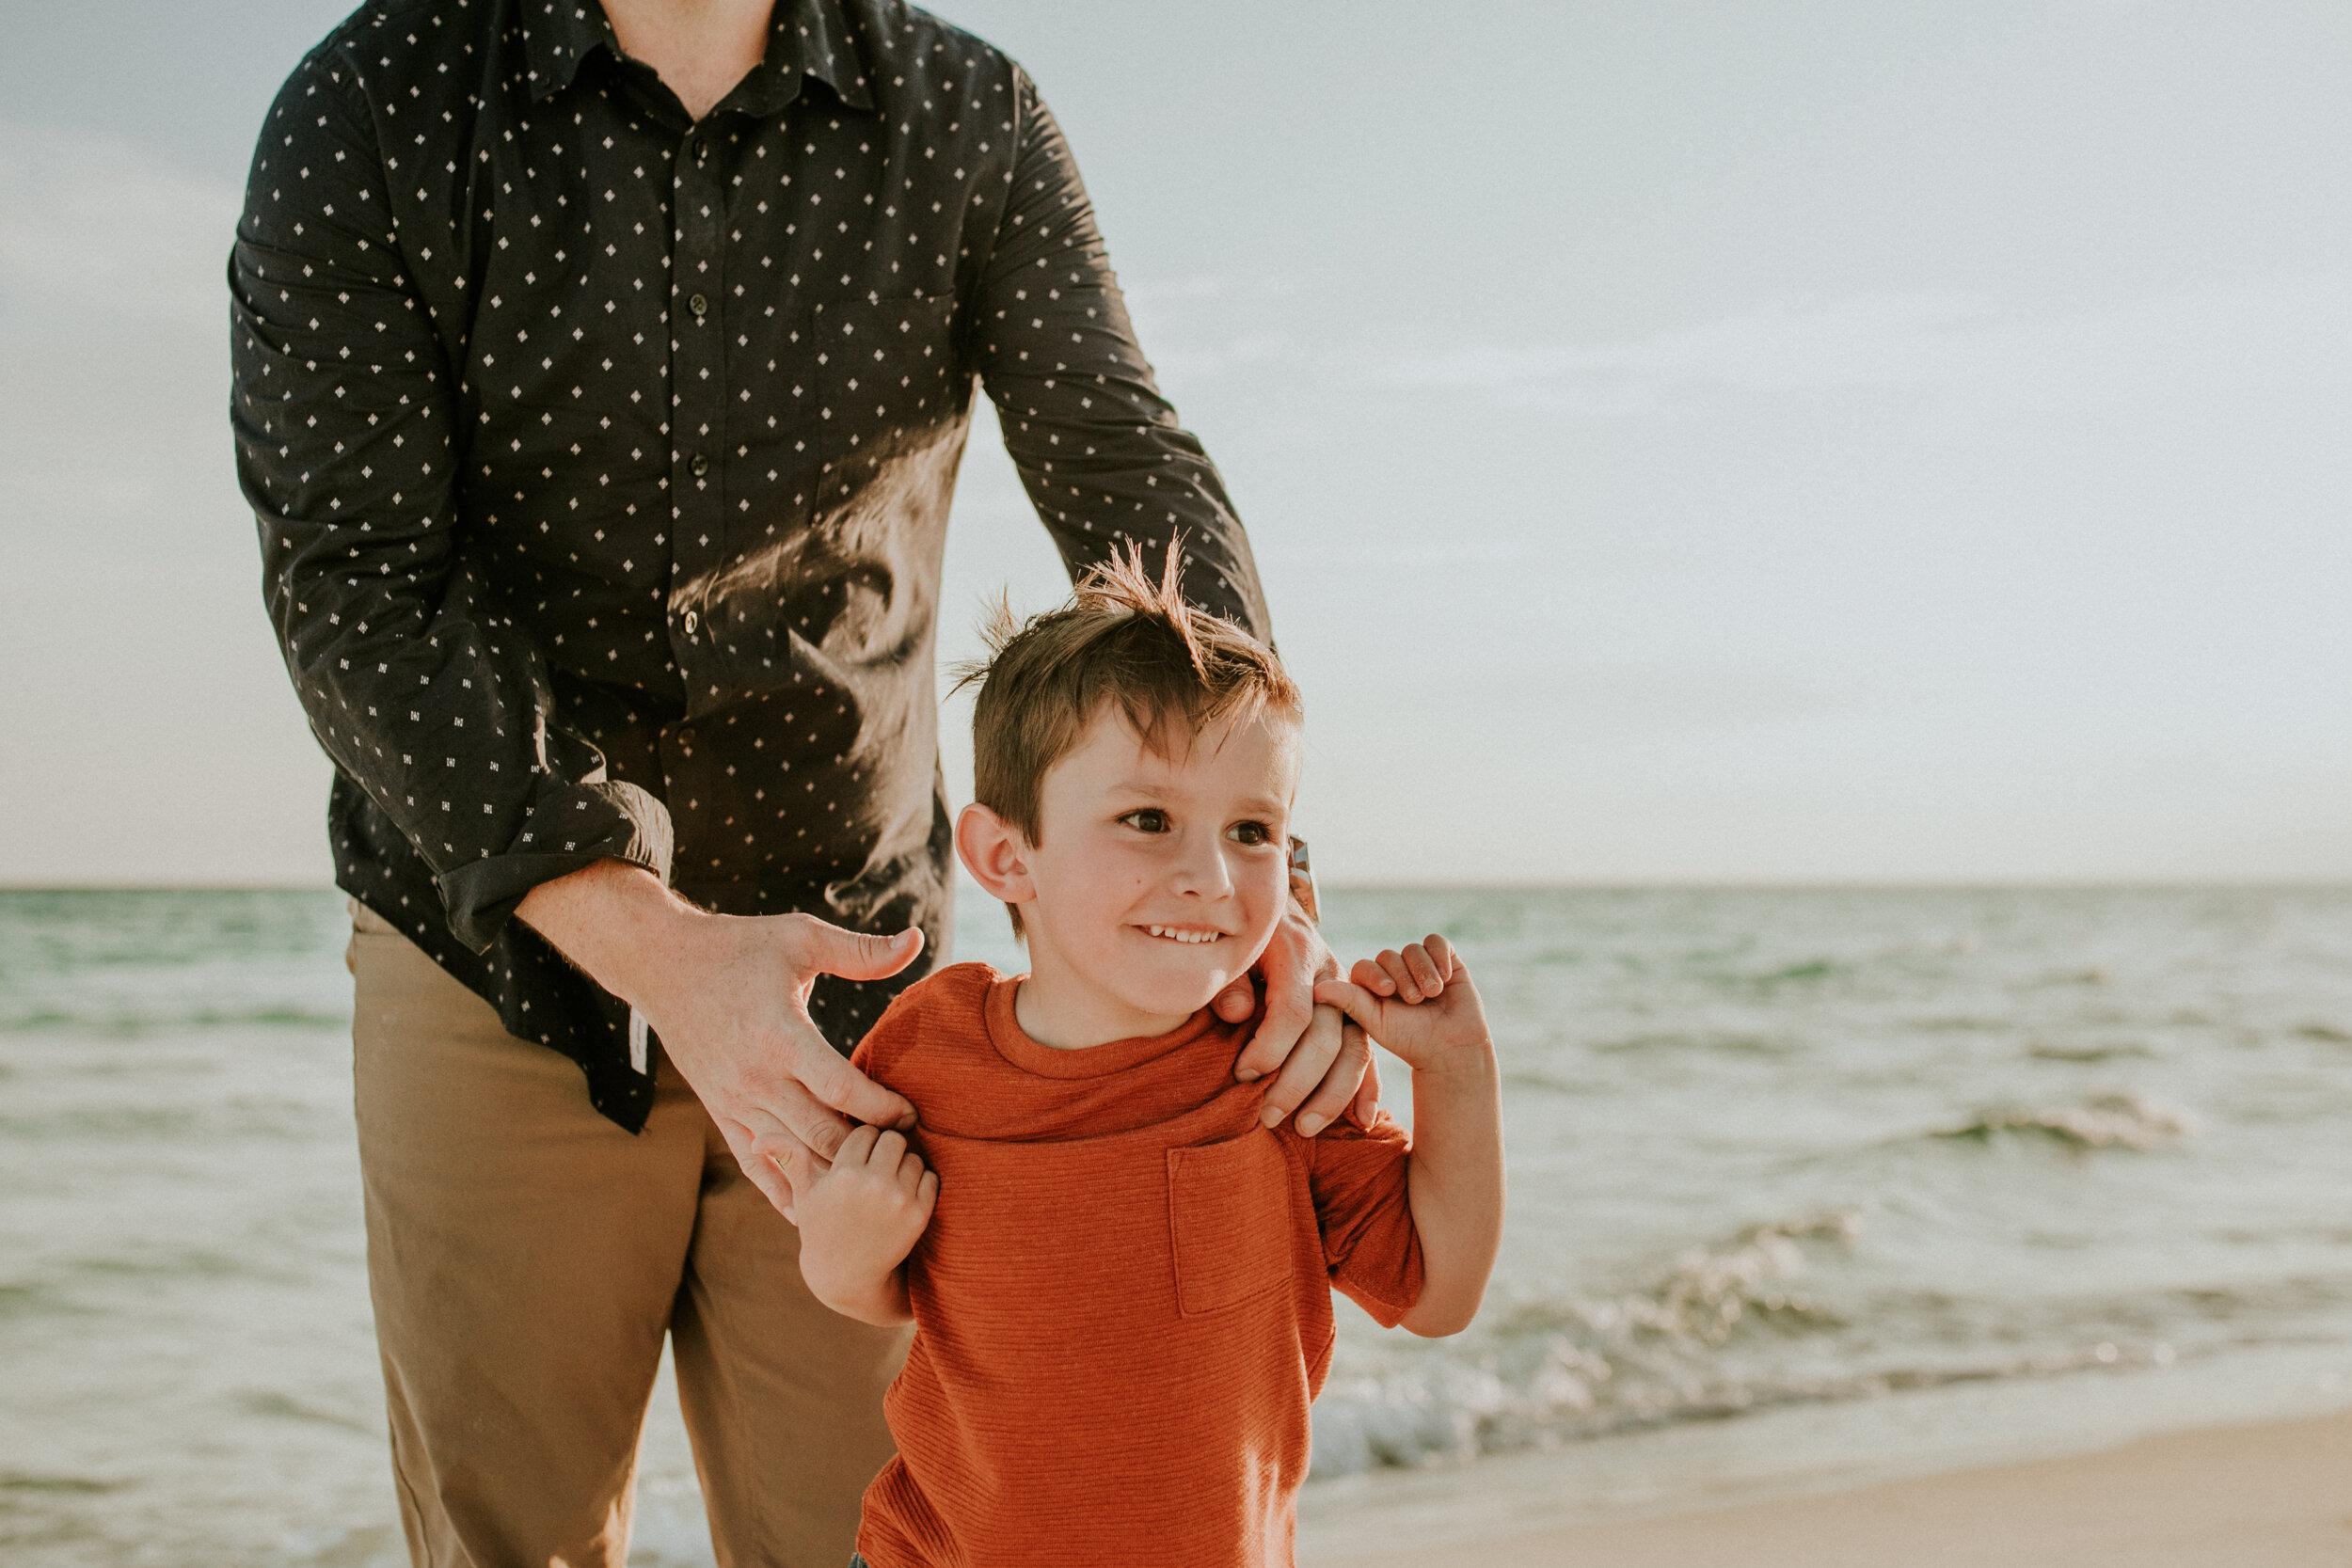 30a_Carillon_Beach_Resort_Panama_City_Beach_Family_Photographer_Beach_Photos-20.jpg